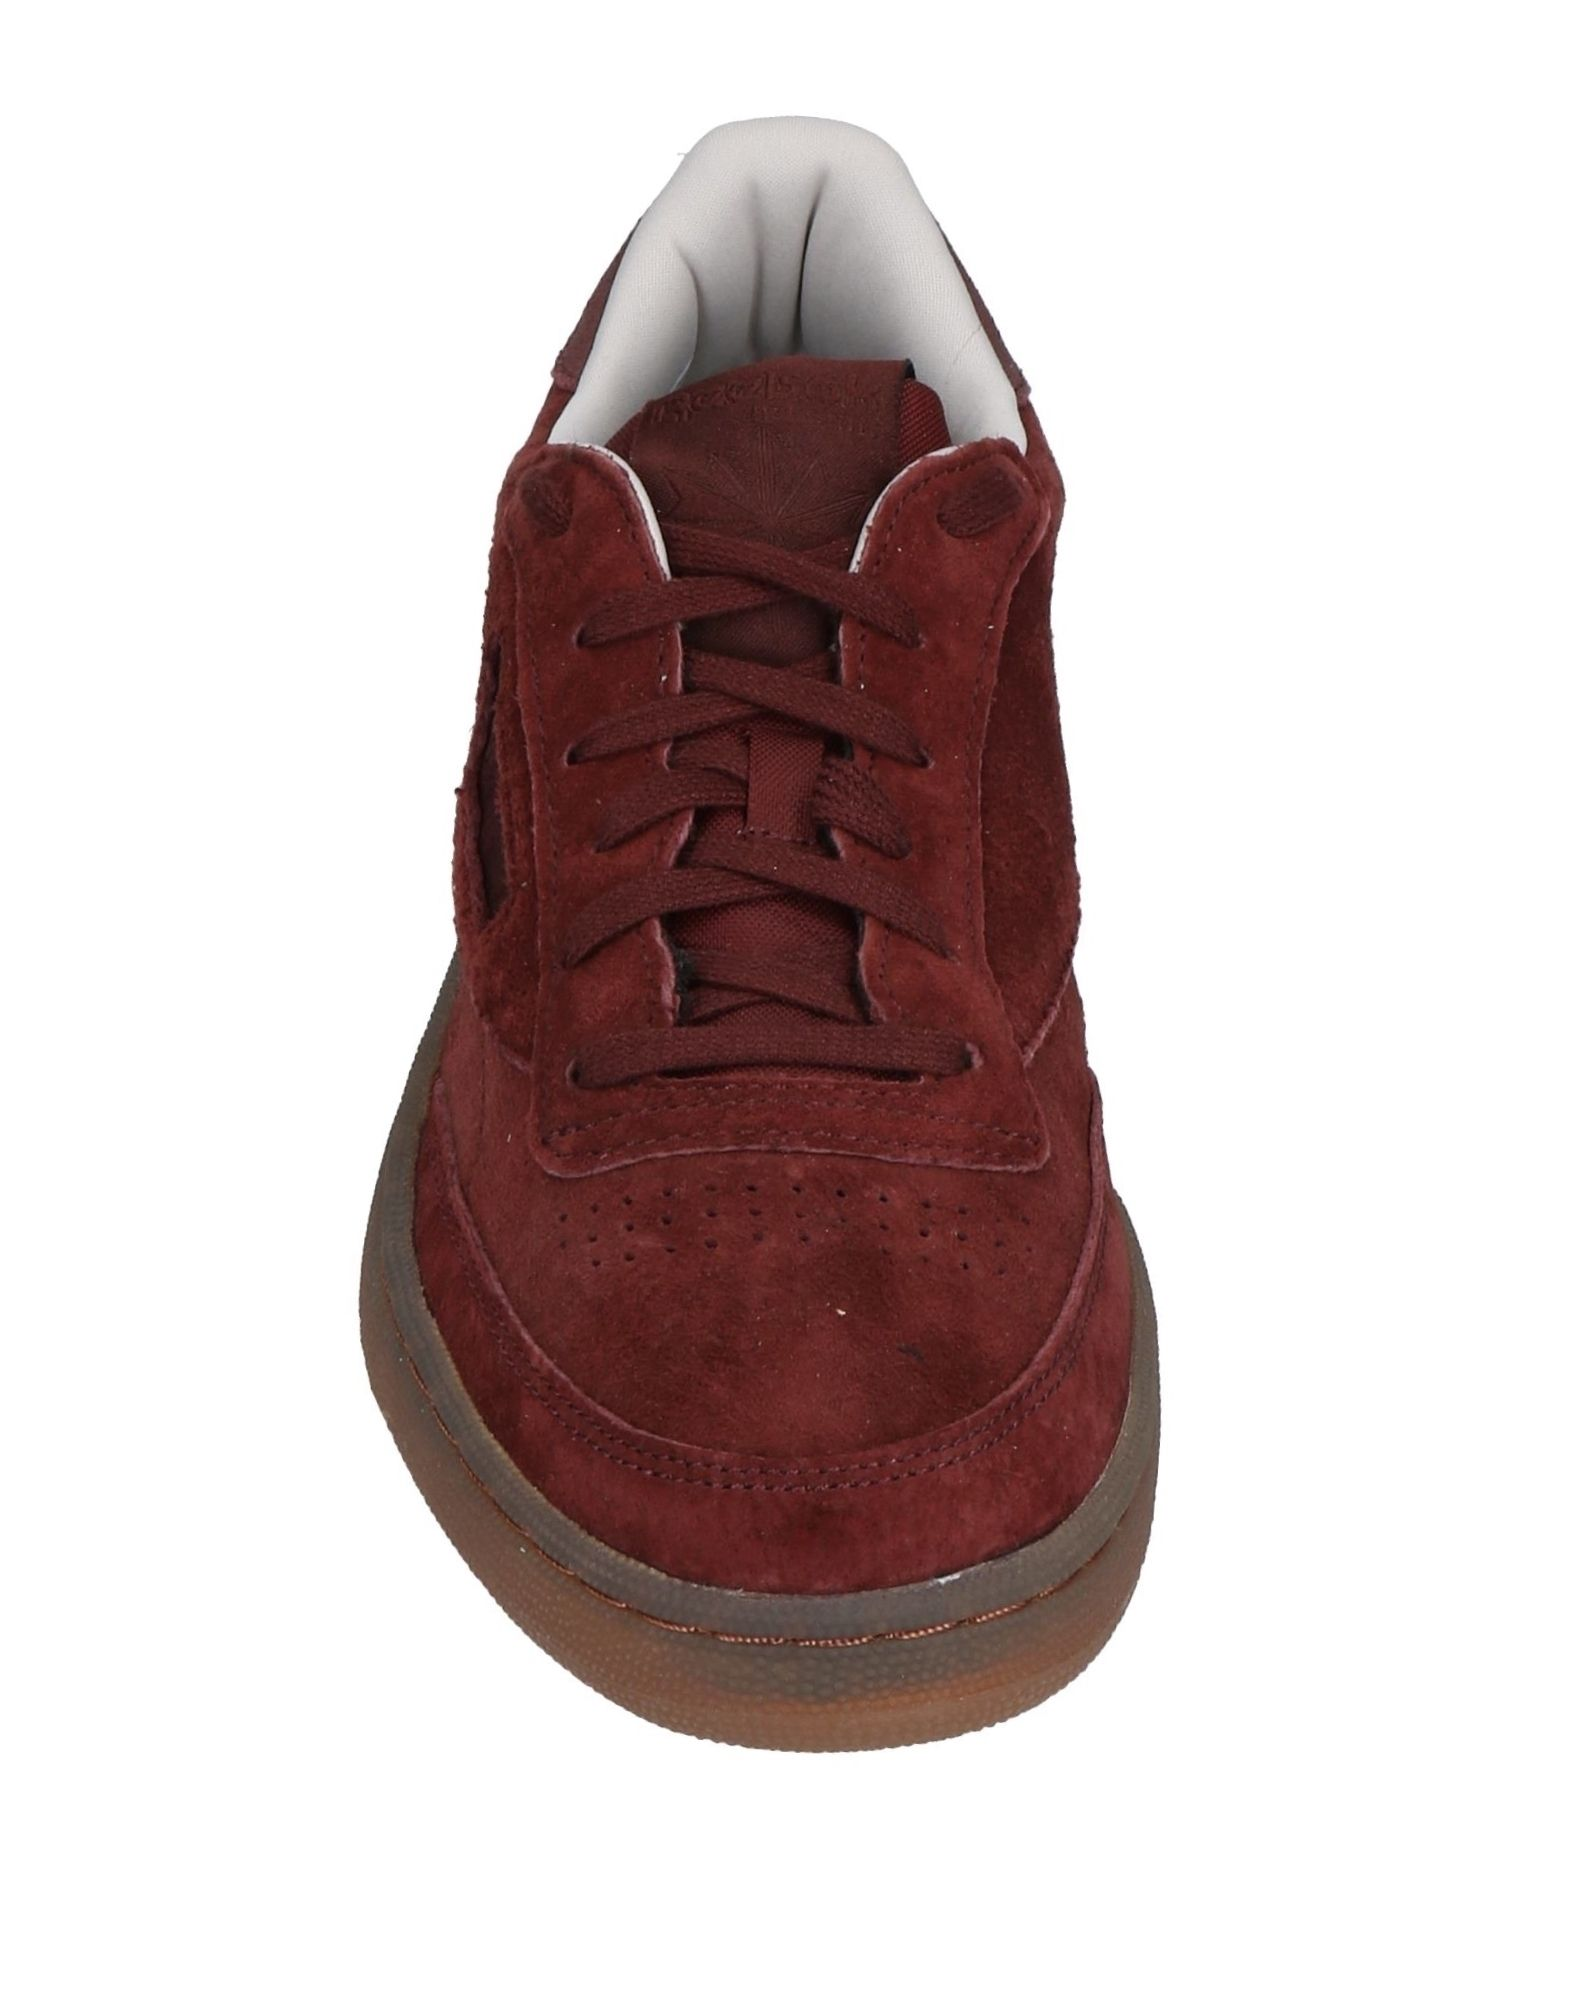 Rabatt echte Sneakers Schuhe Reebok Sneakers echte Herren  11501129SF 161720